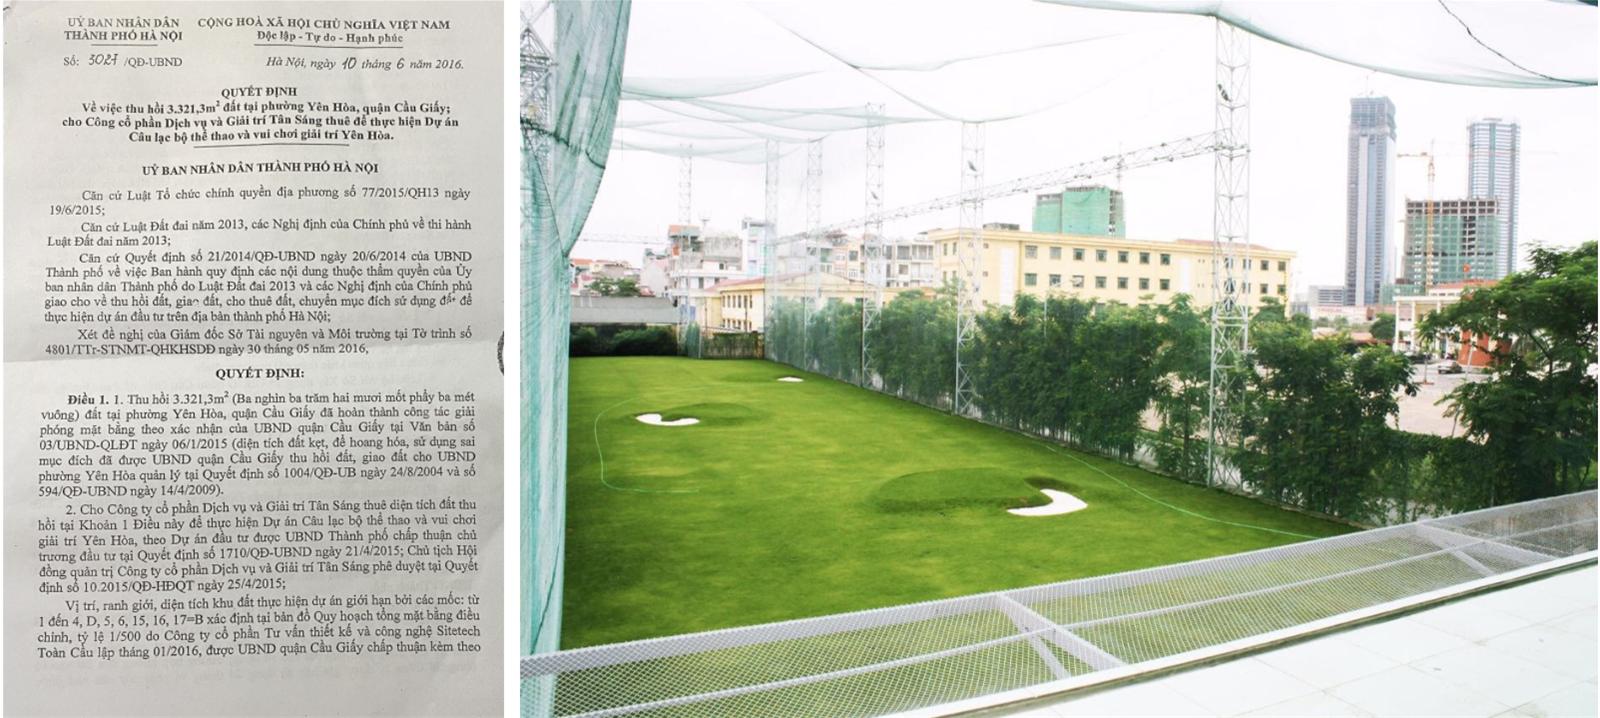 Lợi ích người dân ở đâu khi dự án vui chơi giải trí Yên Hòa thành sân tập Golf?